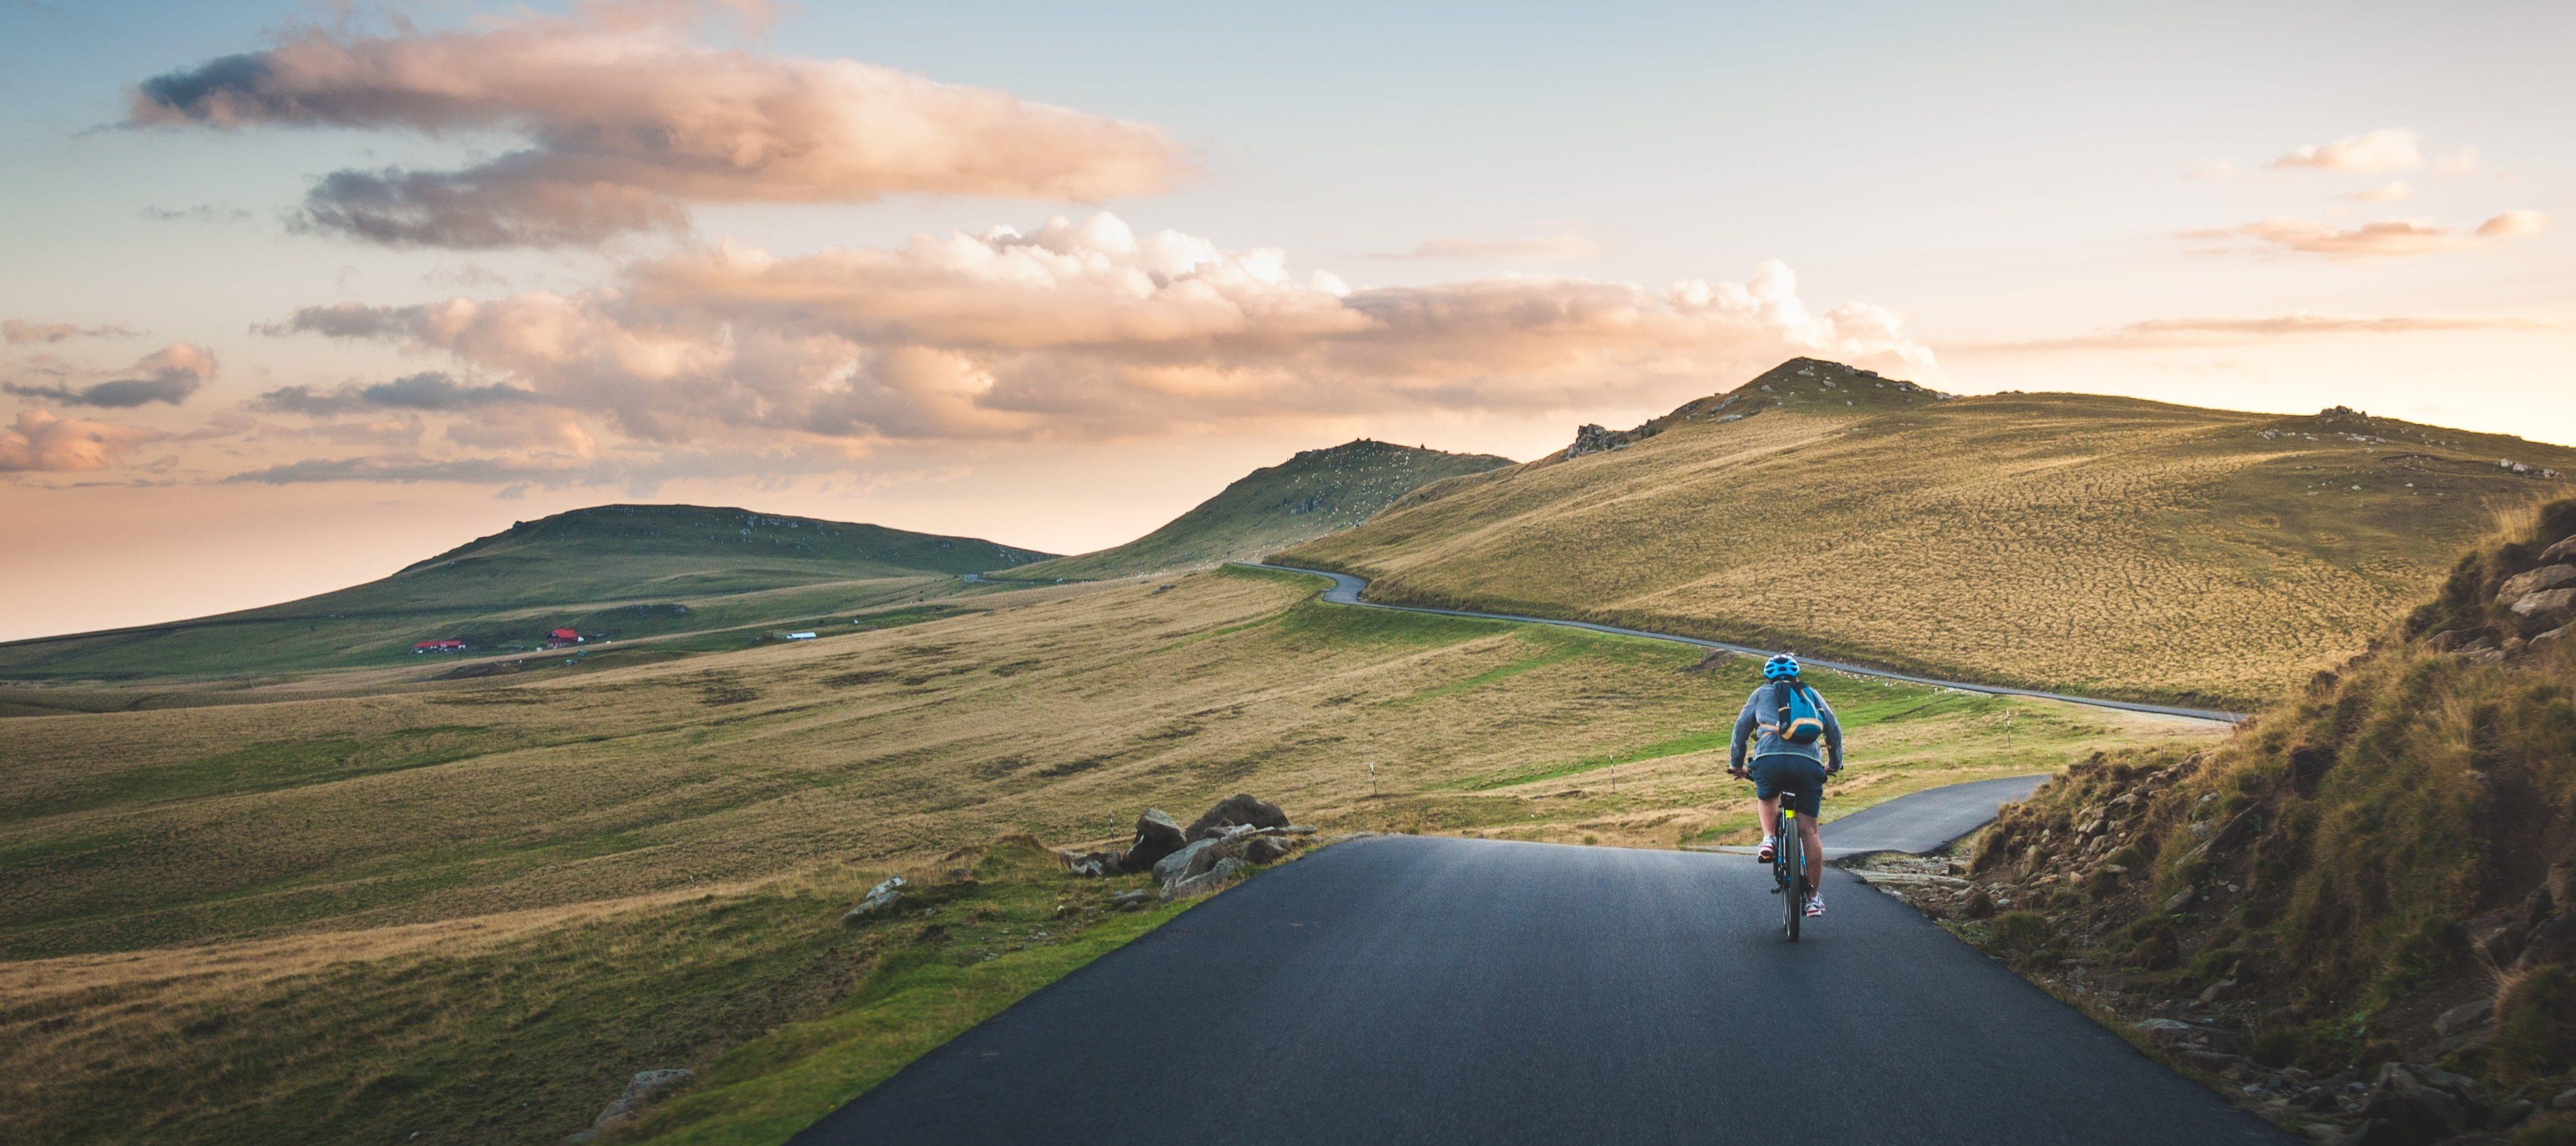 Actividad deportiva cuando viajas - Ejercicio mientras viajas